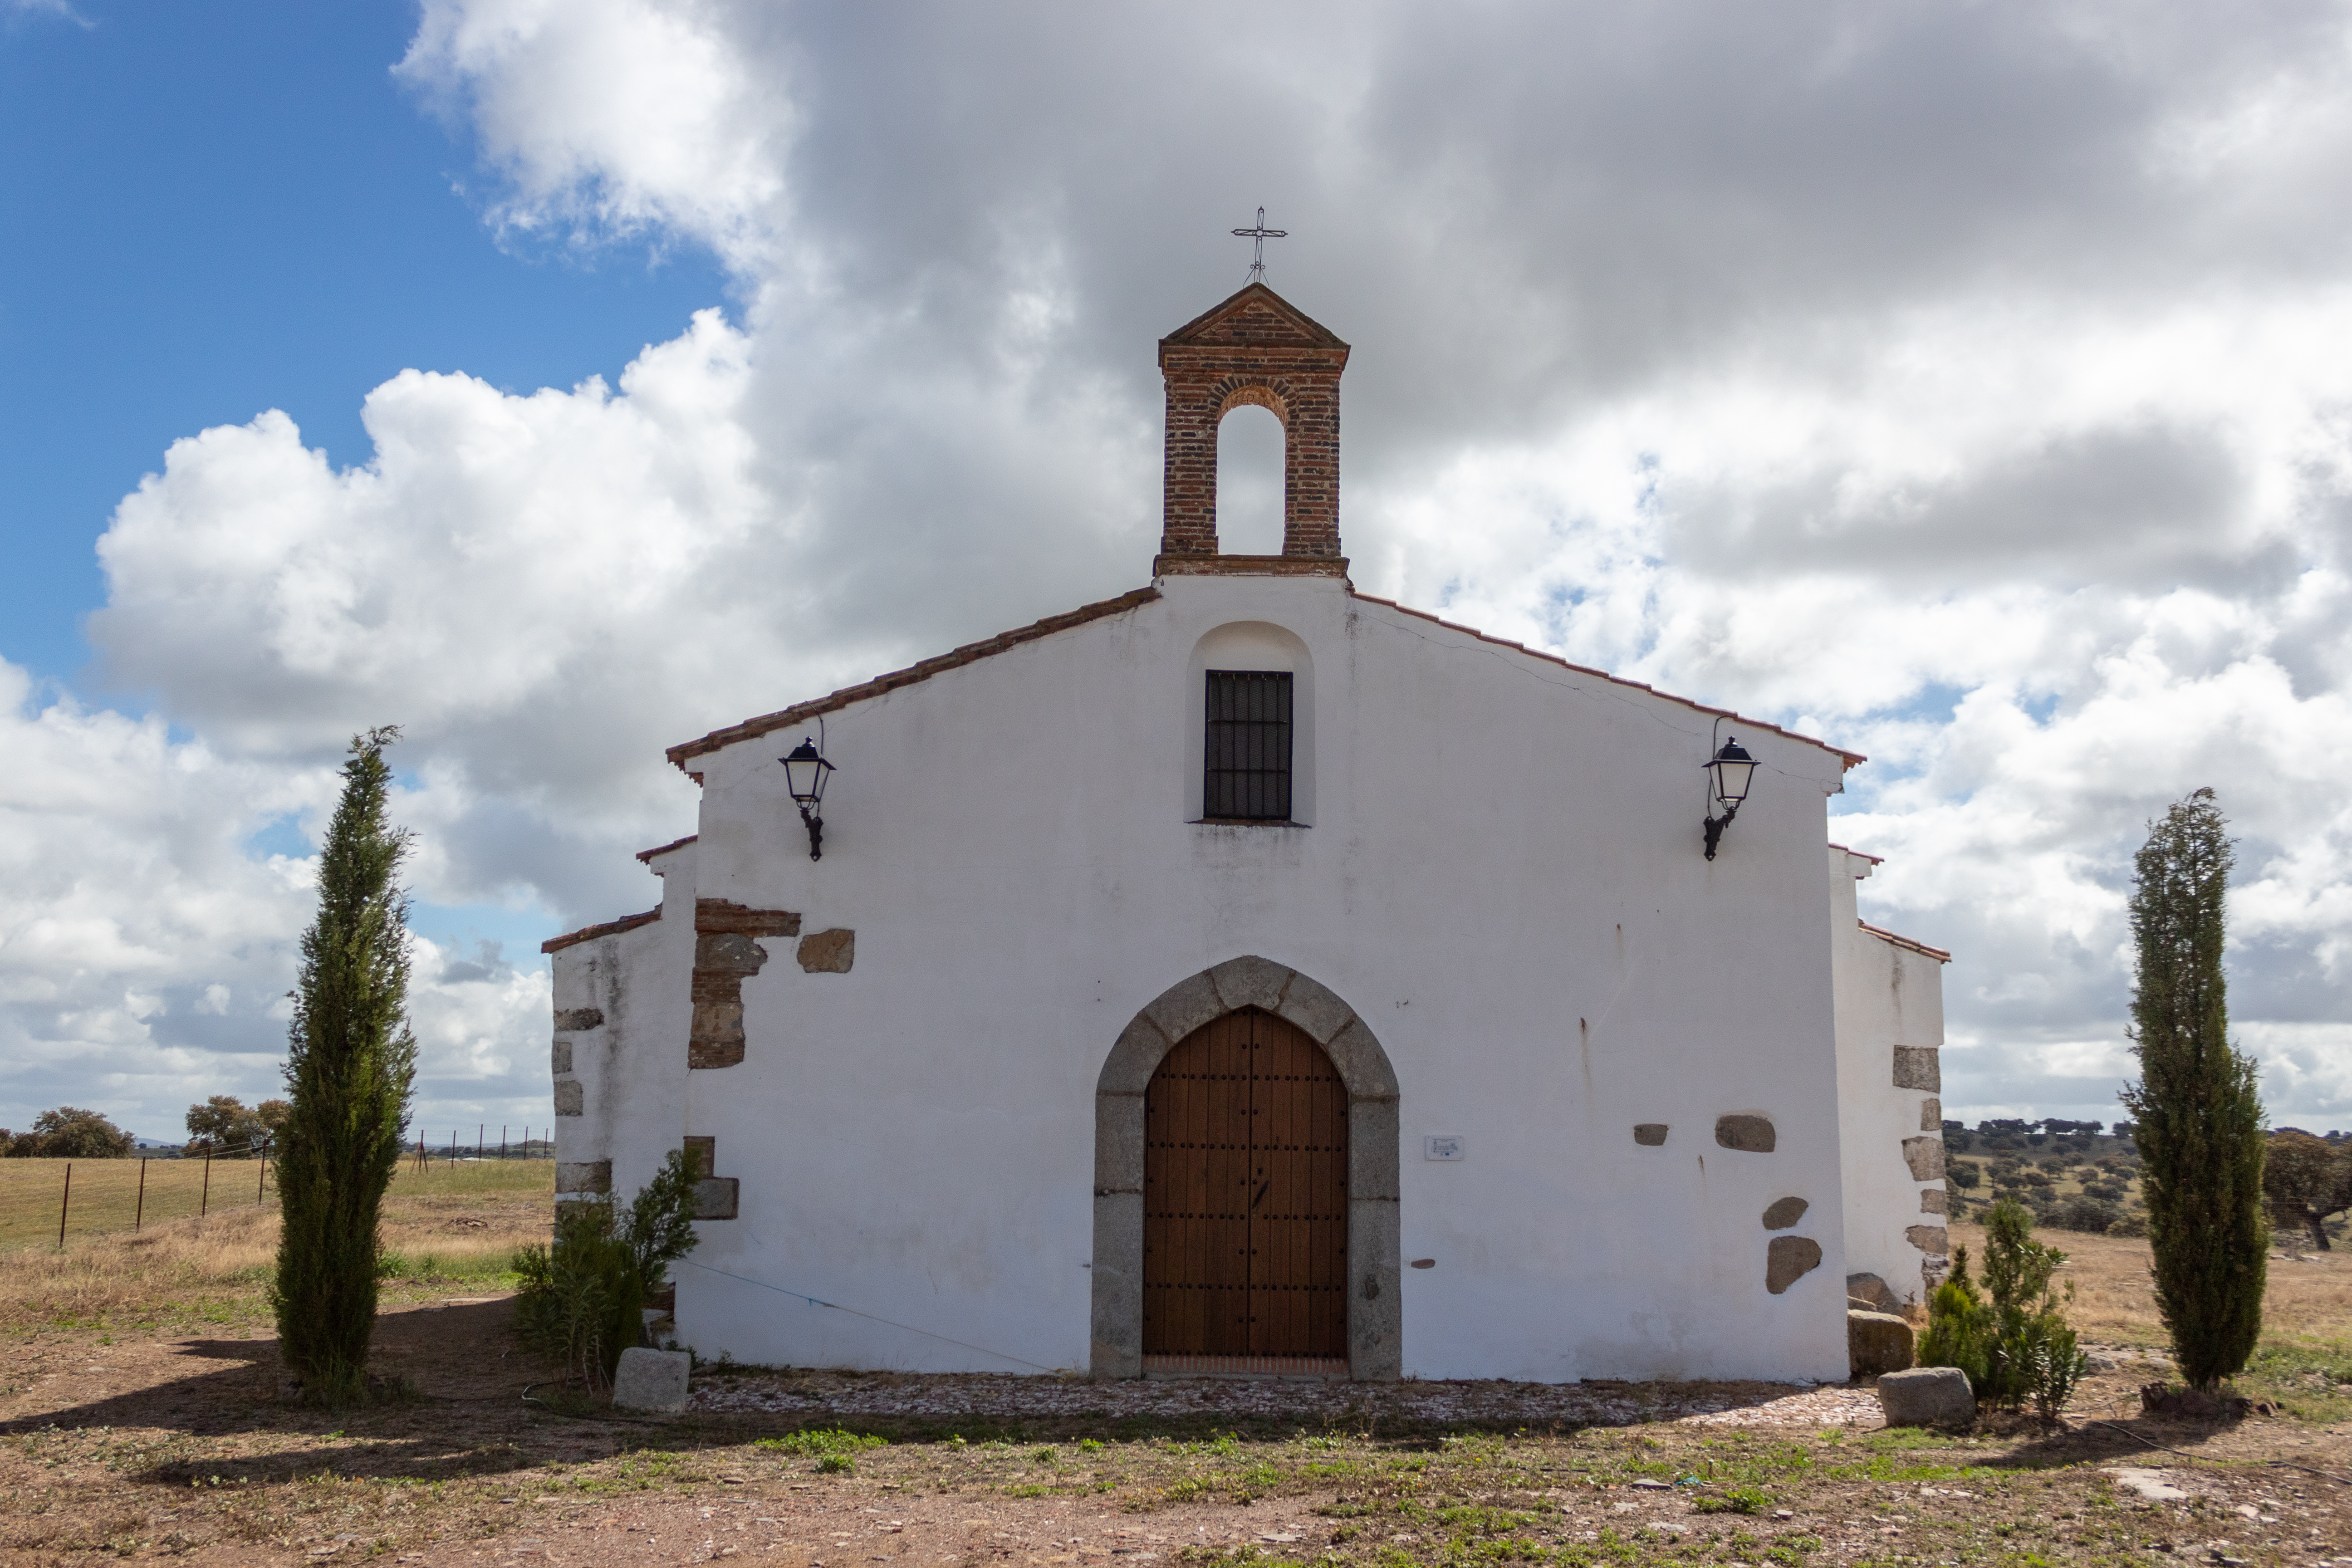 ERMITA DE SAN BENITO HINOJOSA DEL DUQUE